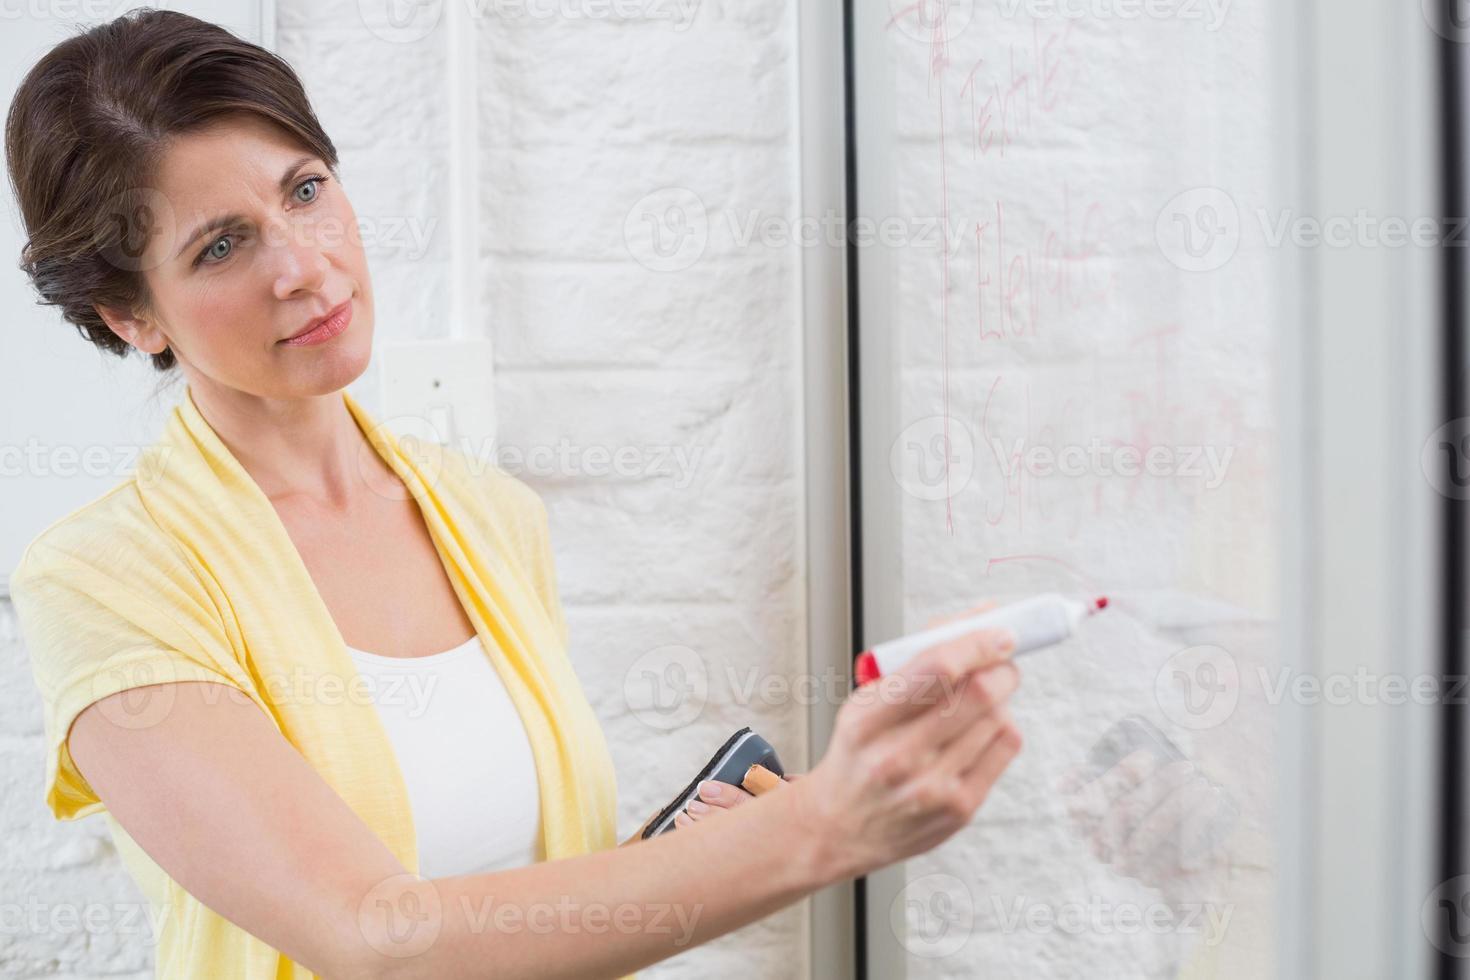 Empresaria sosteniendo un marcador y escribiendo algo foto